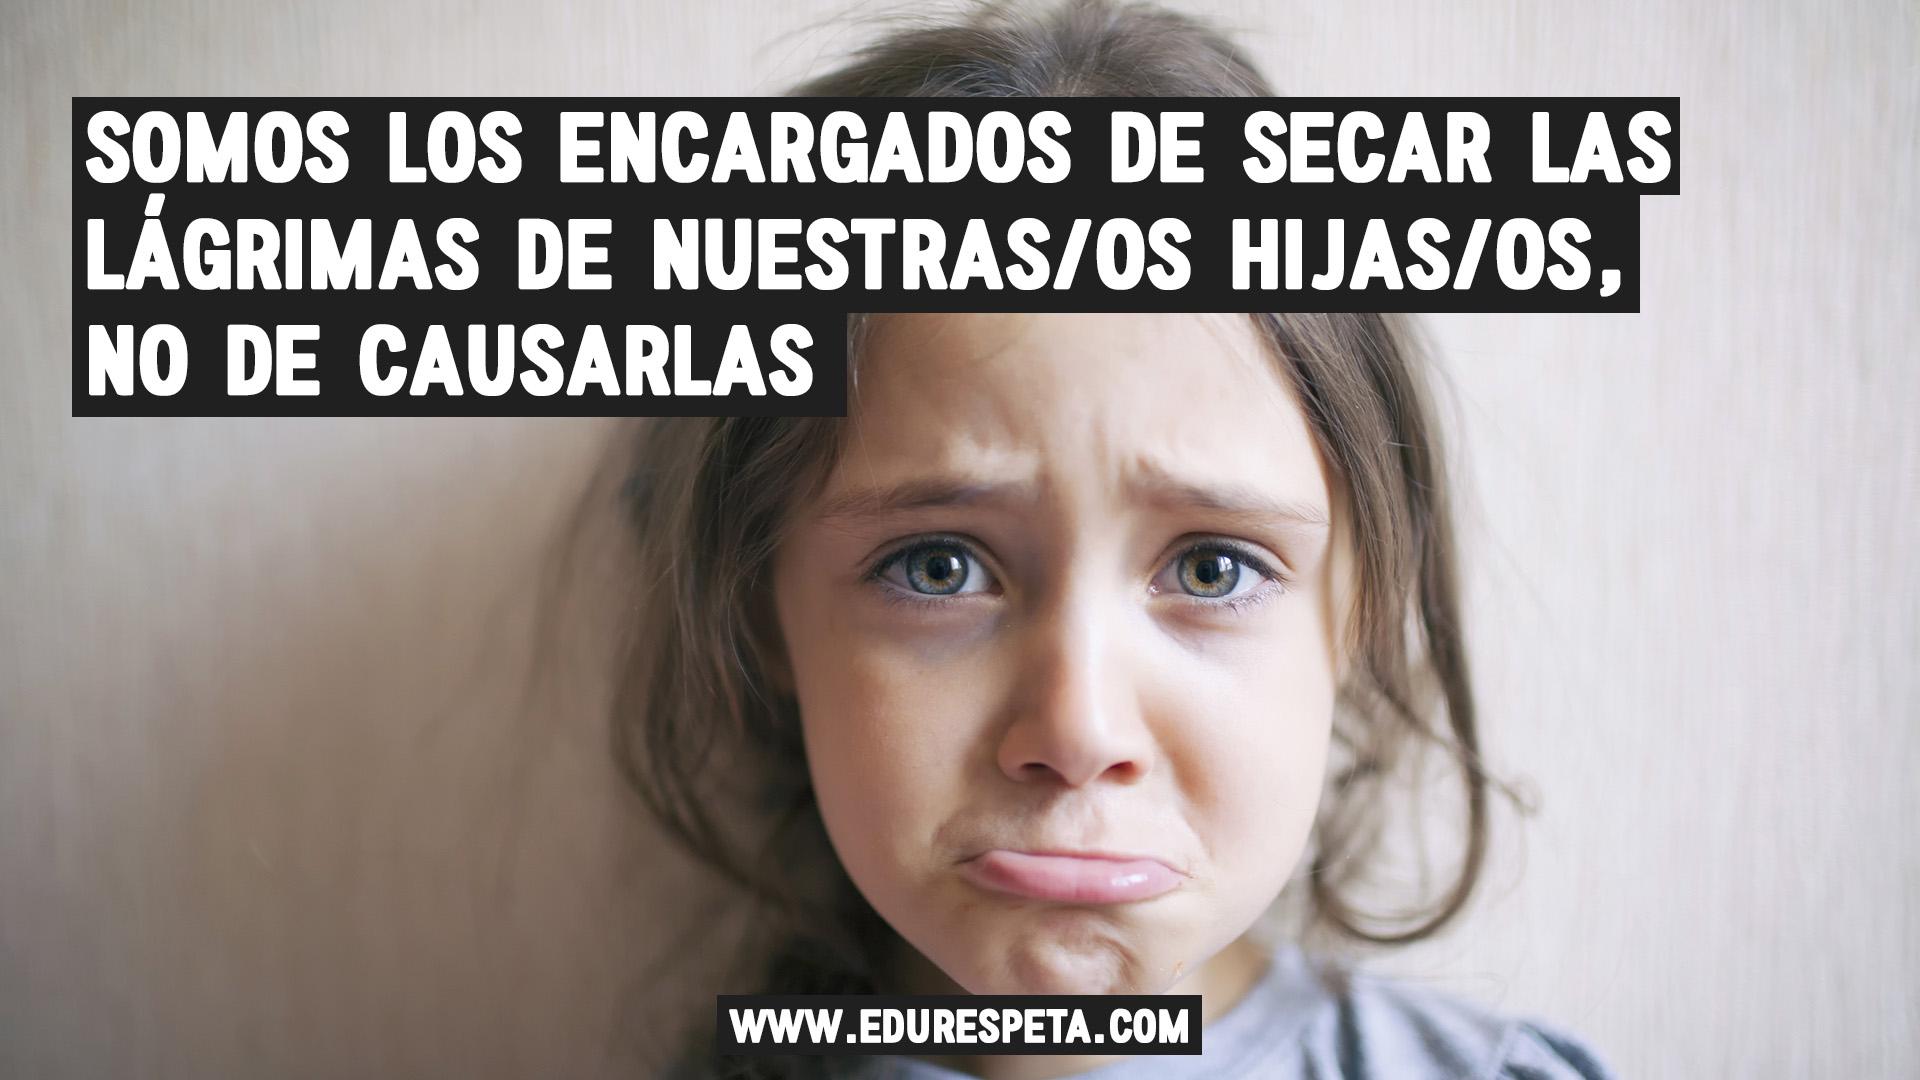 Somos los encargados de secar las lágrimas de nuestras/os hijos no de provocarlas